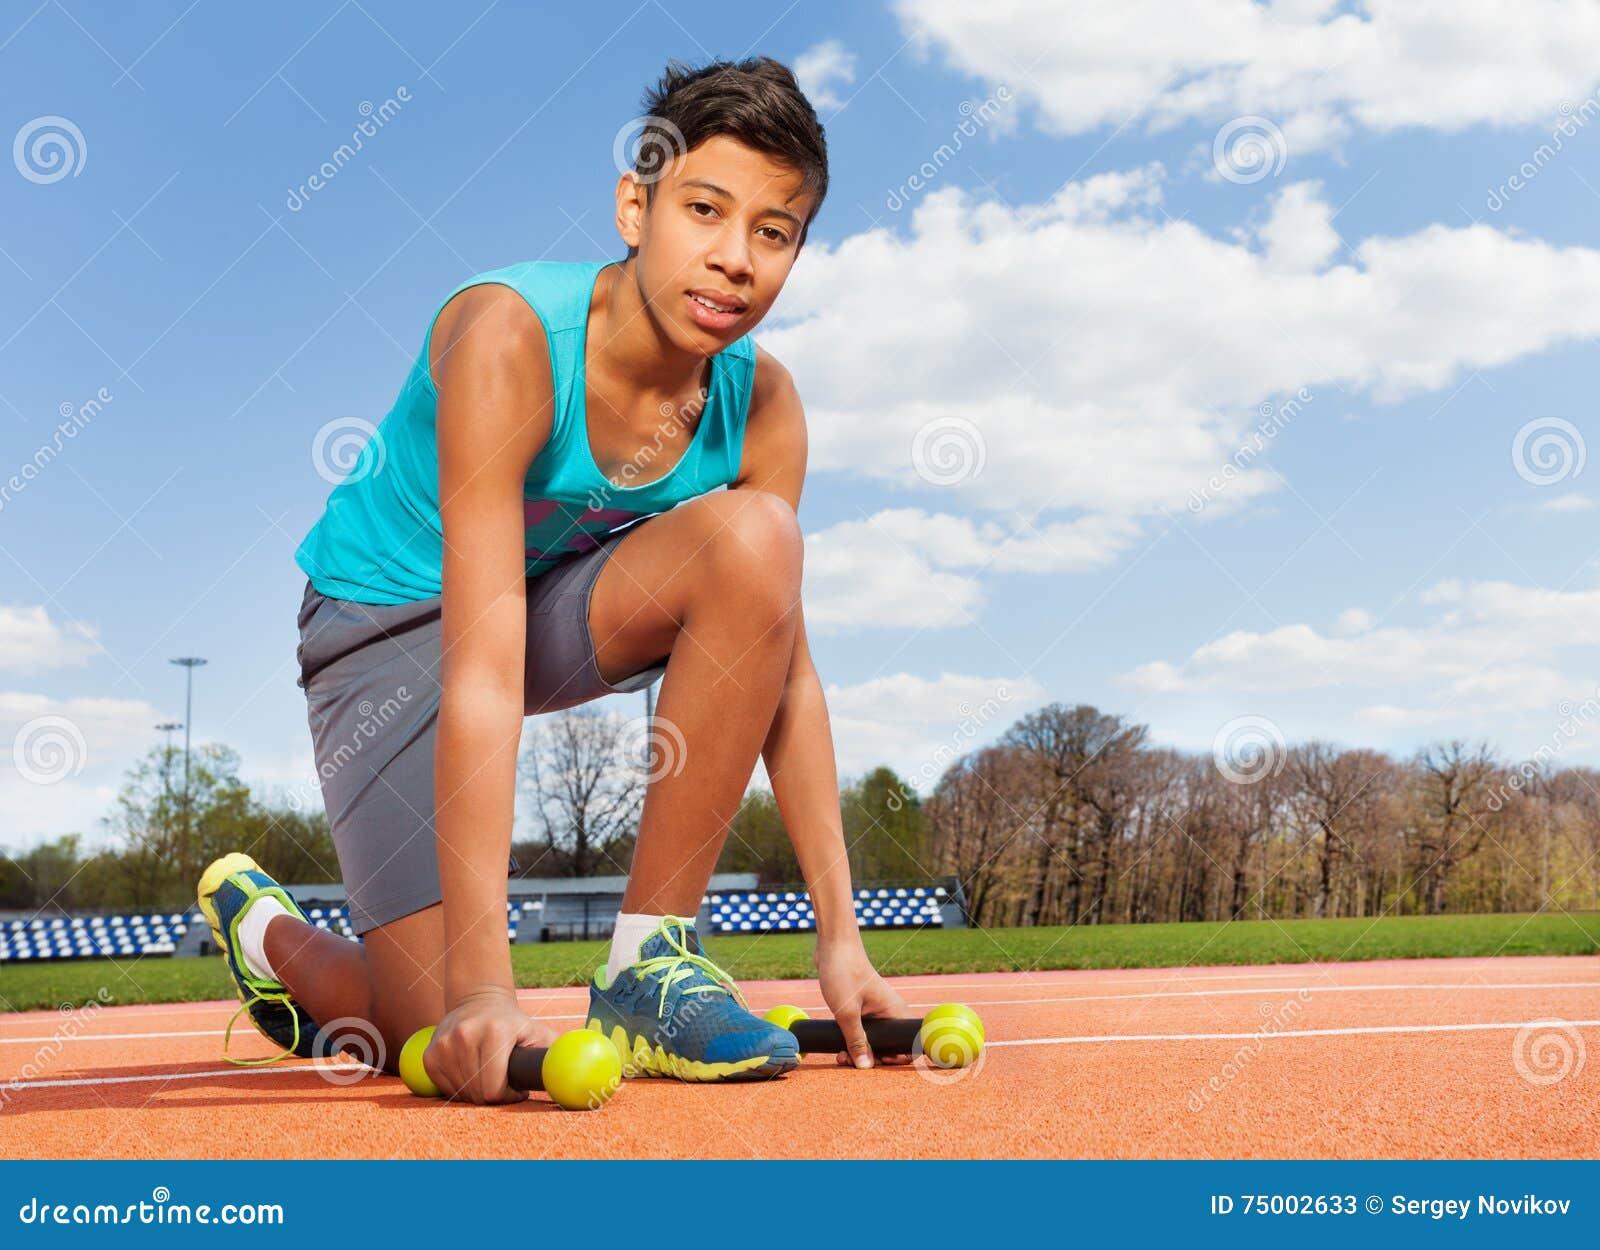 Tiener sportieve jongen die domoren in stadion opnemen